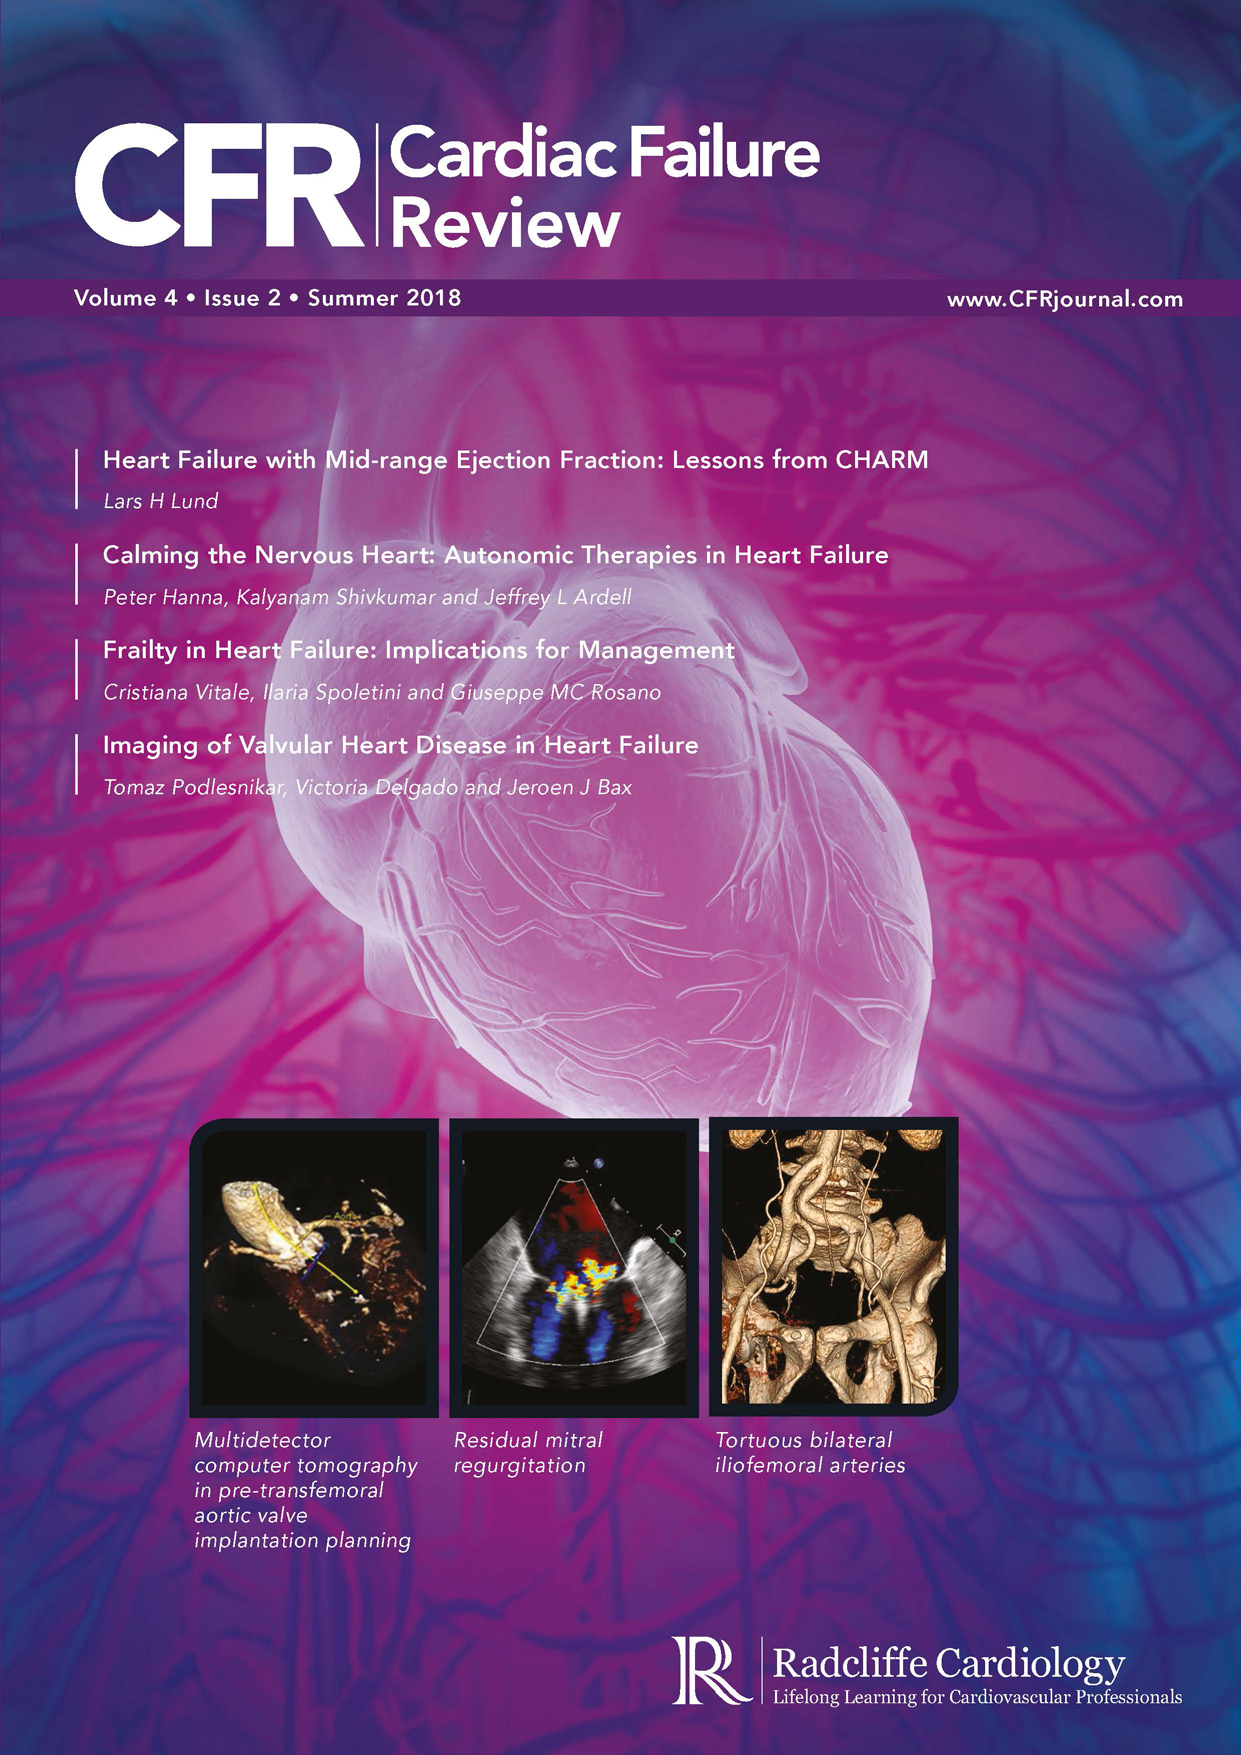 CFR - Volume 4 Issue 2 Summer 2018